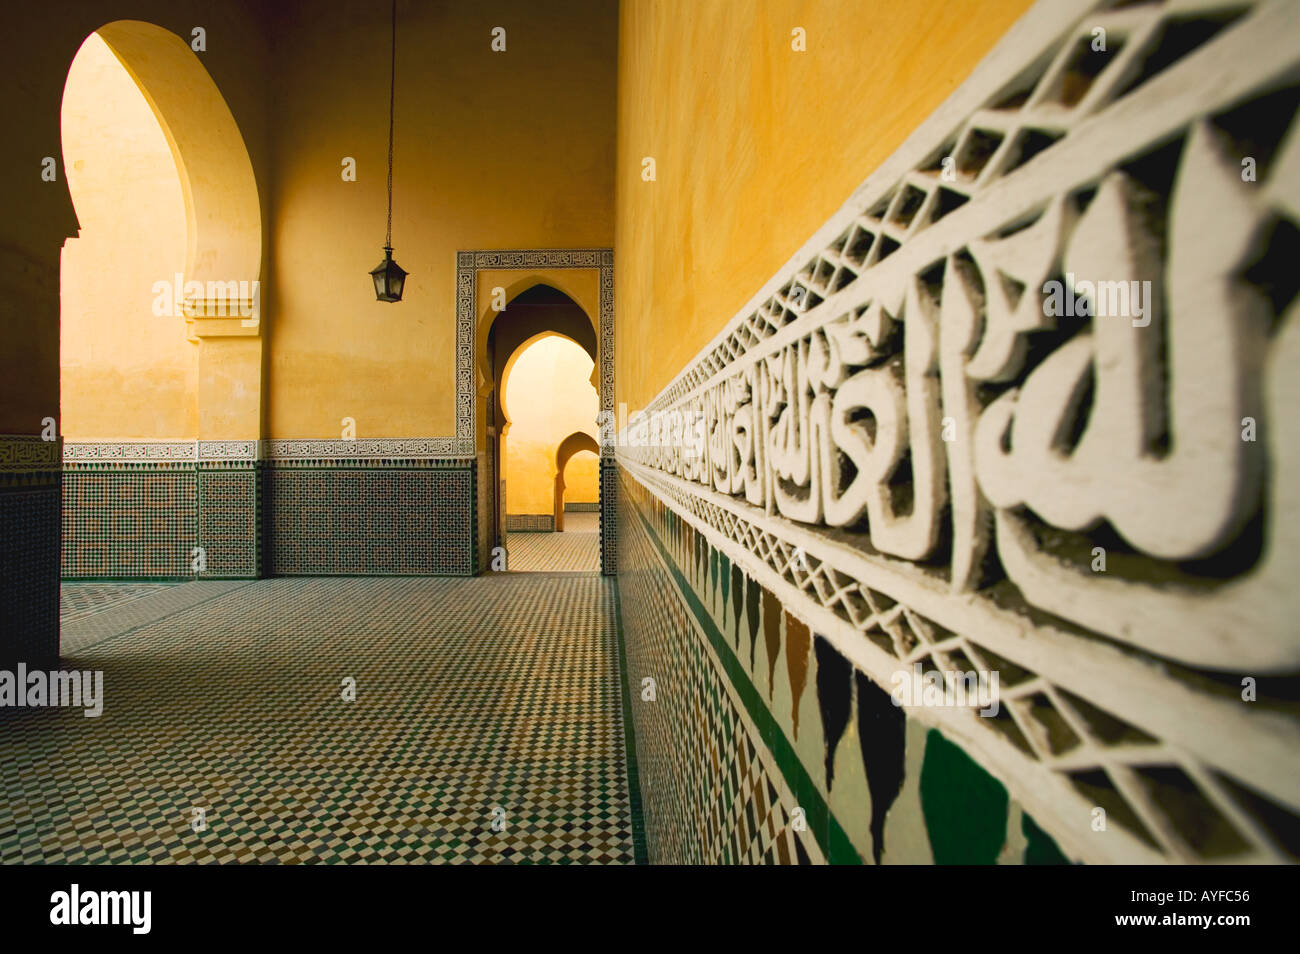 Citations coraniques des antiquités de carreaux sur les murs autour de l'intérieur du mausolée de Moulay Ismail, dans la ville de Meknes Maroc Banque D'Images